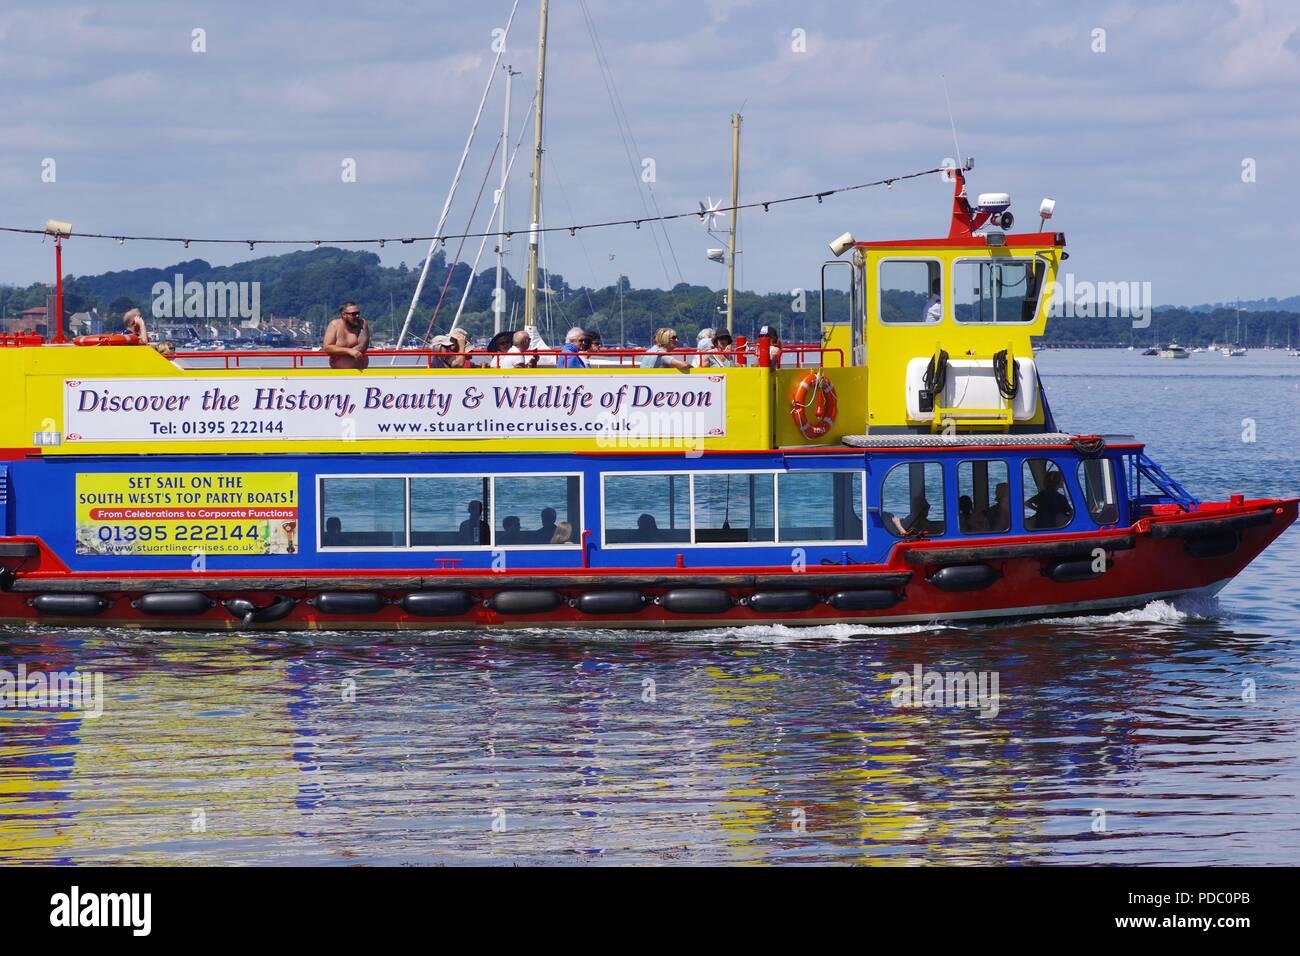 Pride of Exmouth, Stuart Line Cruises Ferry Boat on the Exe Estuary Heading to Exmouth. Dawlish Warren, Devon, UK. 2018. - Stock Image